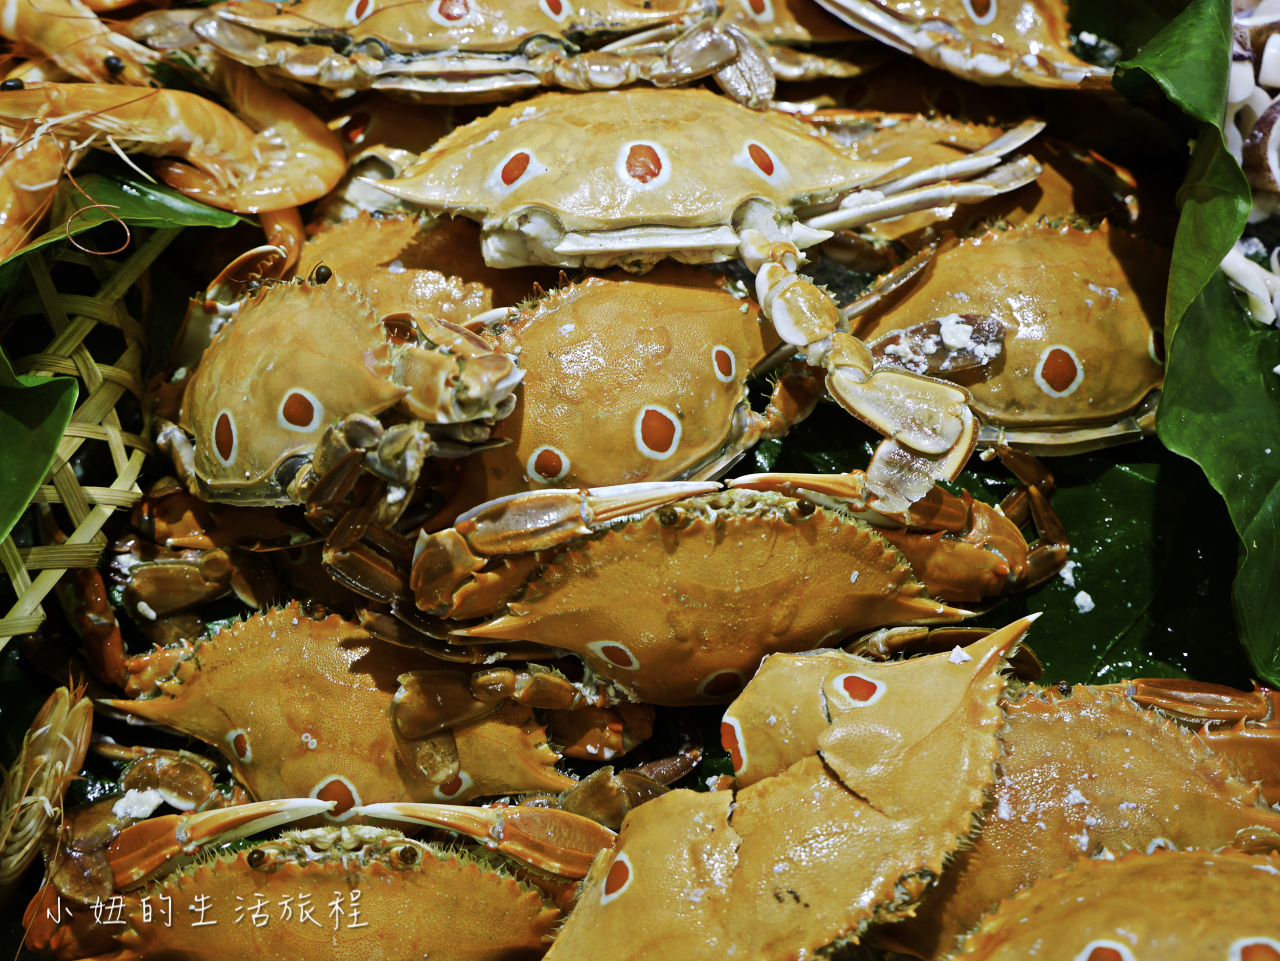 板橋凱撒大飯店,朋派自助餐-18.jpg